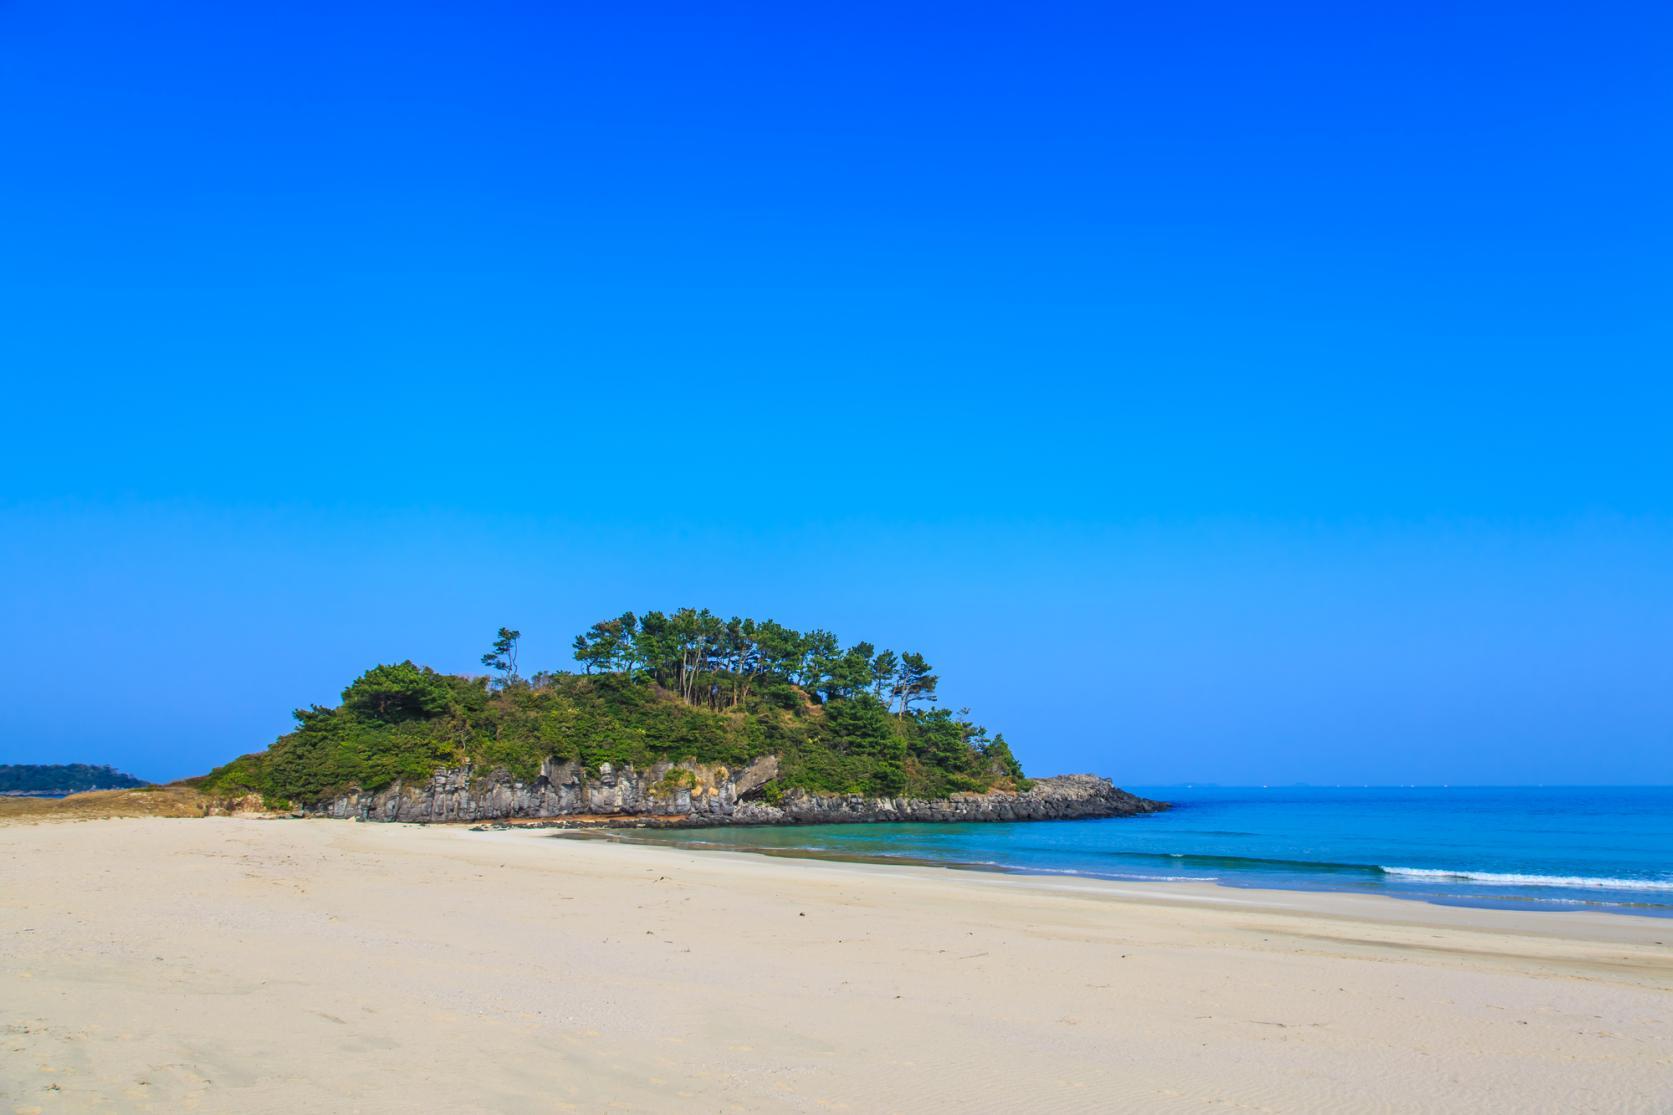 まるで玄界灘の宝石箱!広大な絶景ビーチでゆったり海水浴を-3